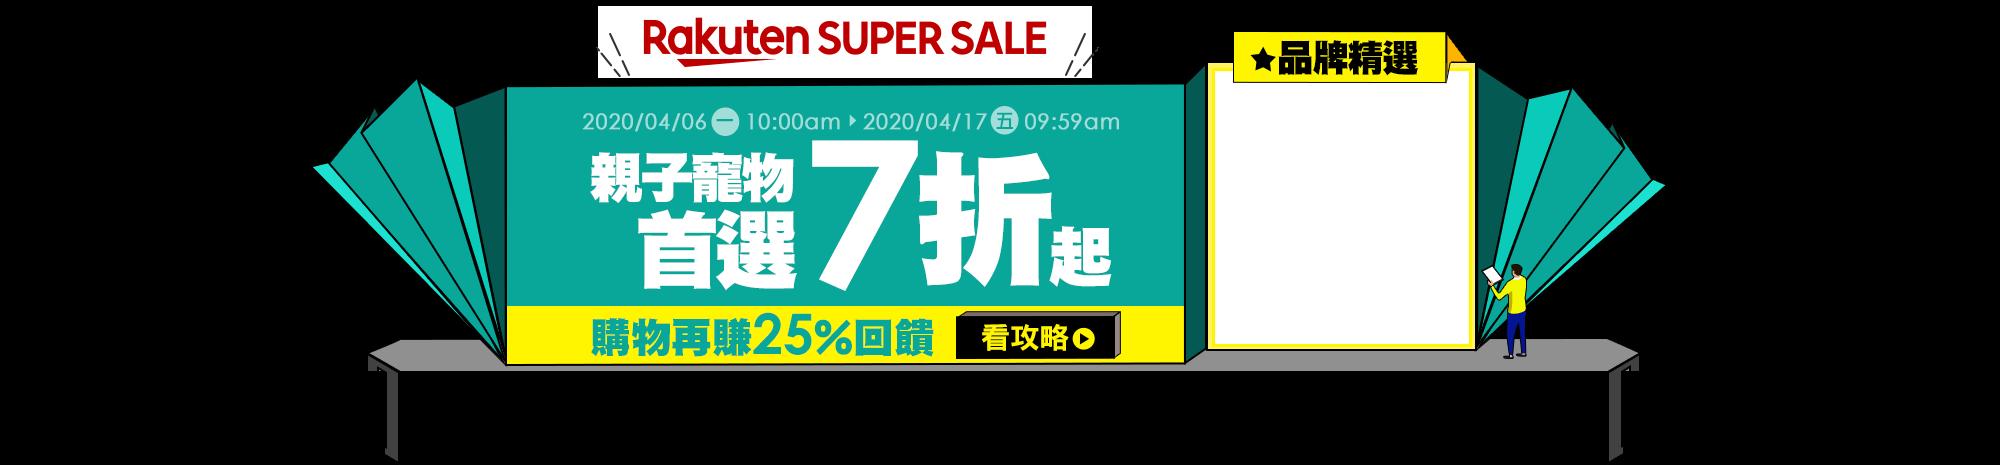 樂天SUPER SALE!婦幼寵物7折起,滿額賺25%回饋